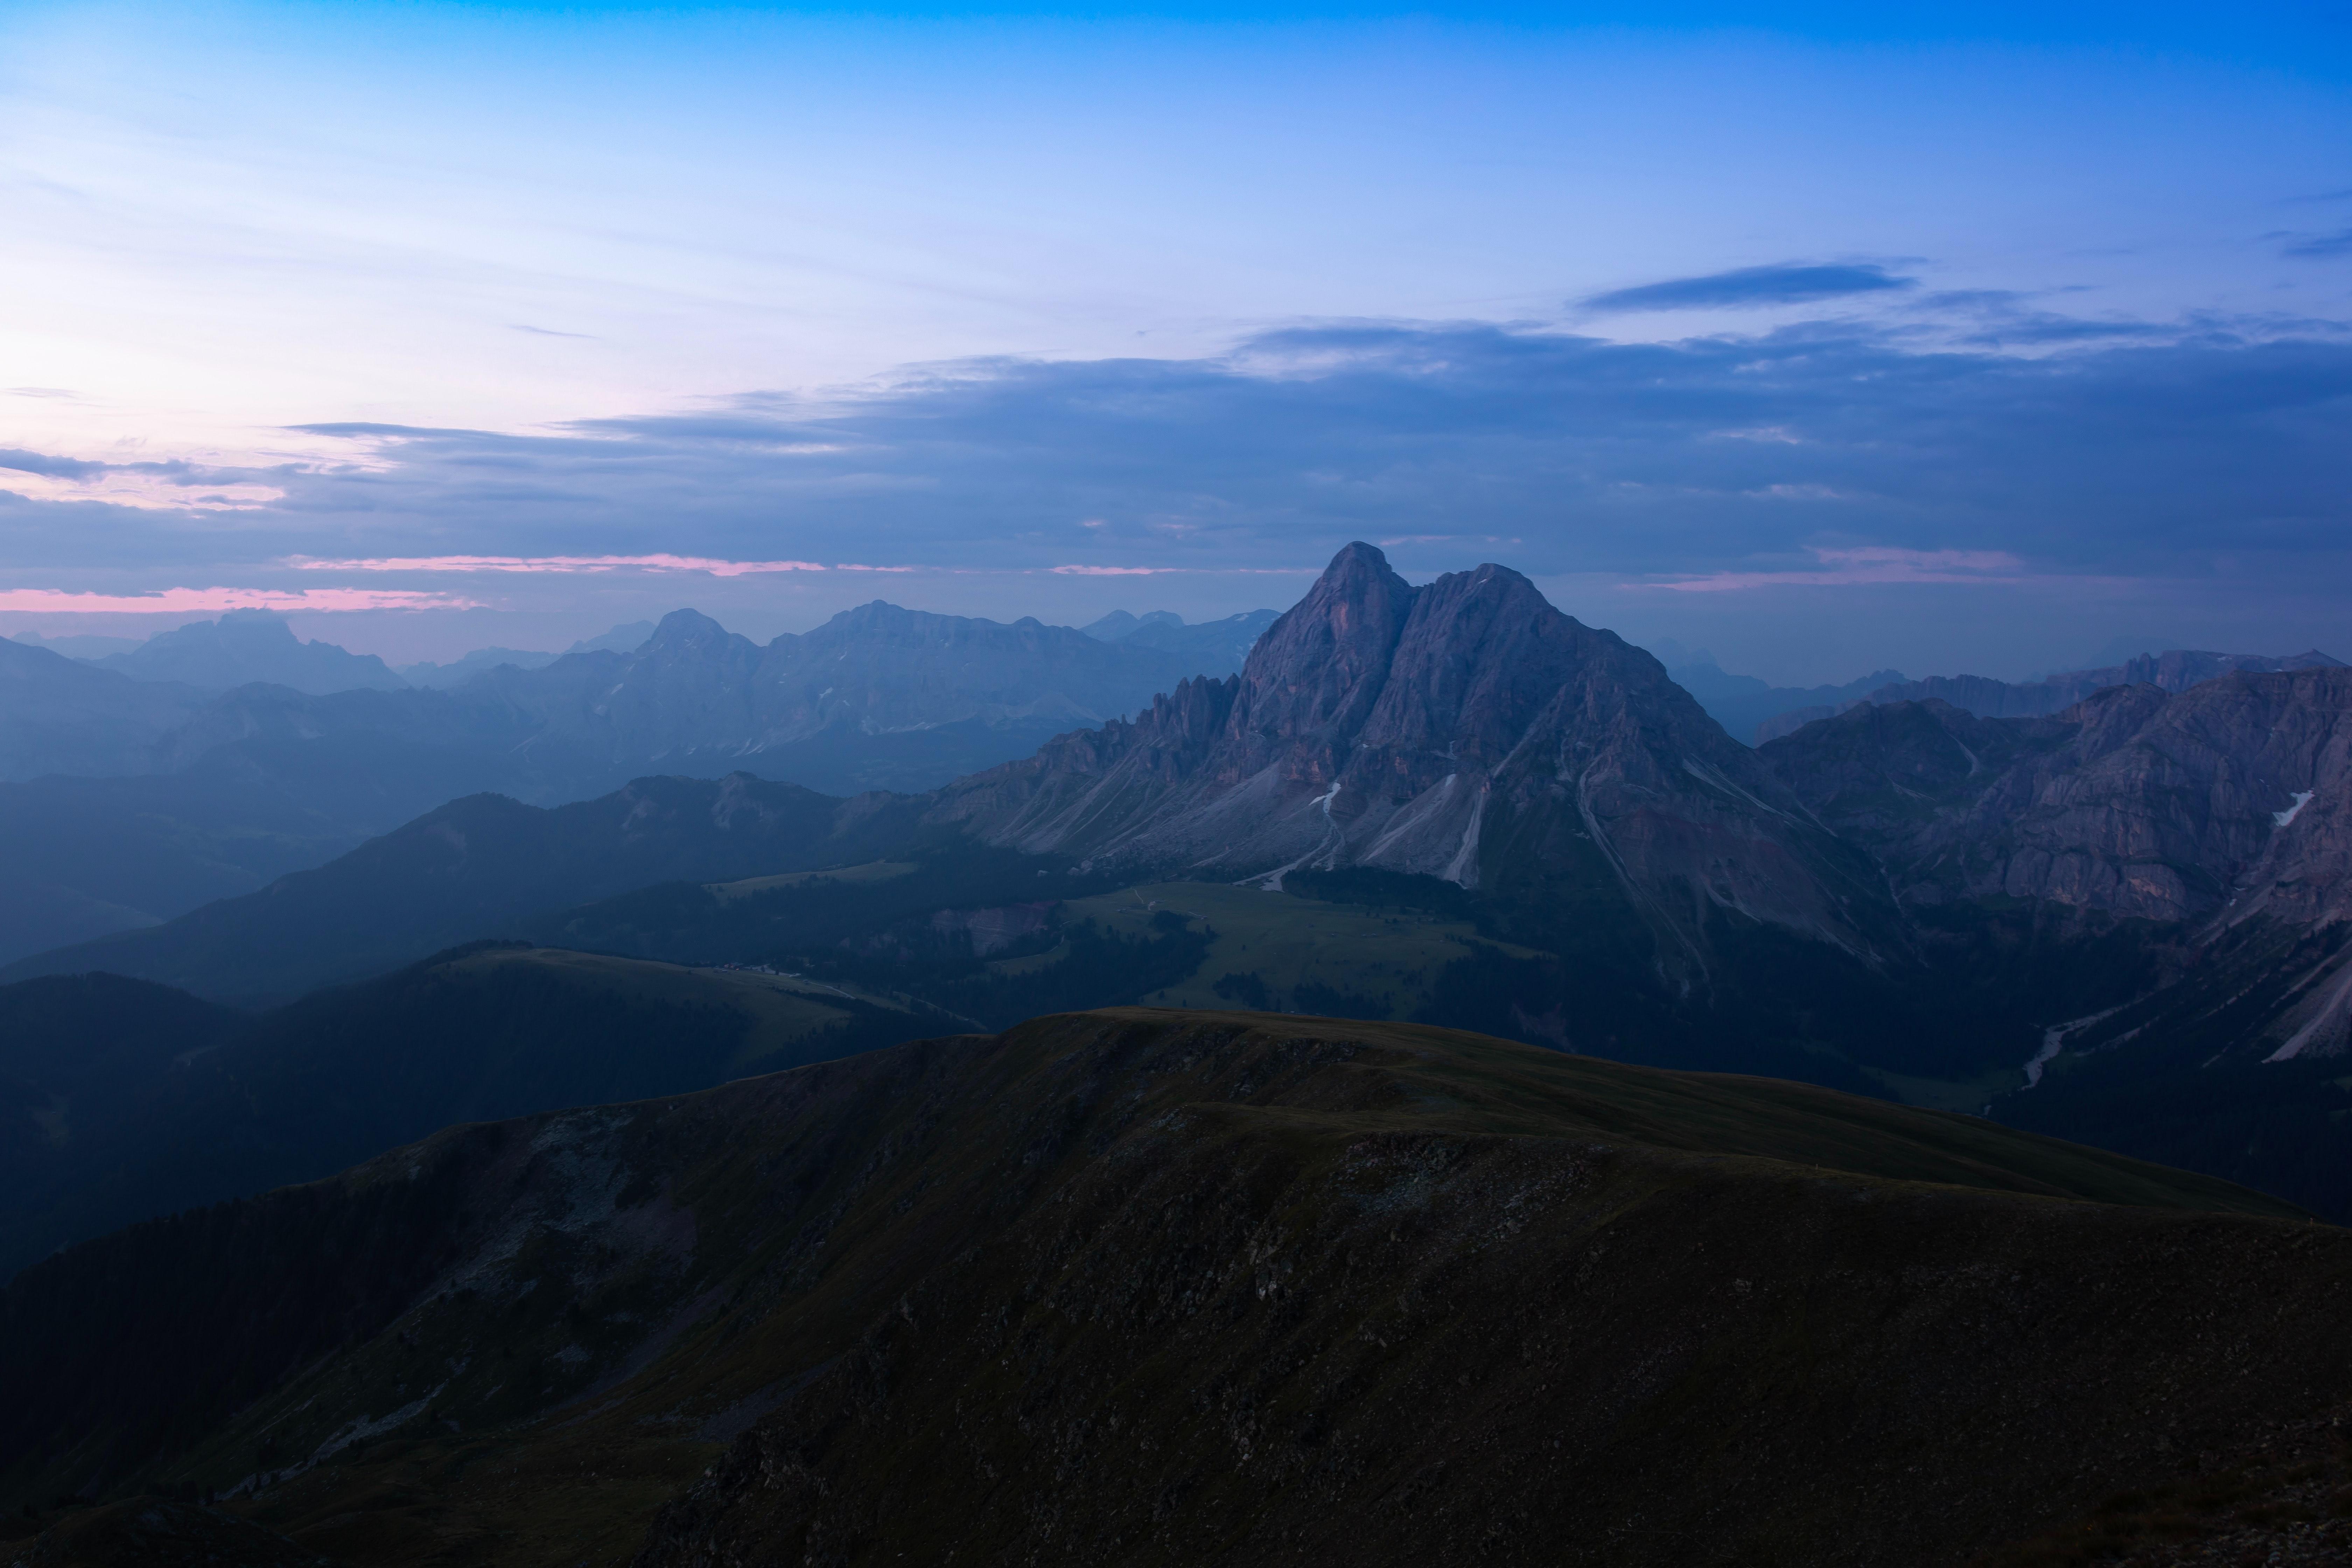 91223 papel de parede 1080x2400 em seu telefone gratuitamente, baixe imagens Paisagem, Natureza, Montanhas, Crepúsculo, Névoa, Nevoeiro, Cadeia De Montanhas, Cordilheira 1080x2400 em seu celular